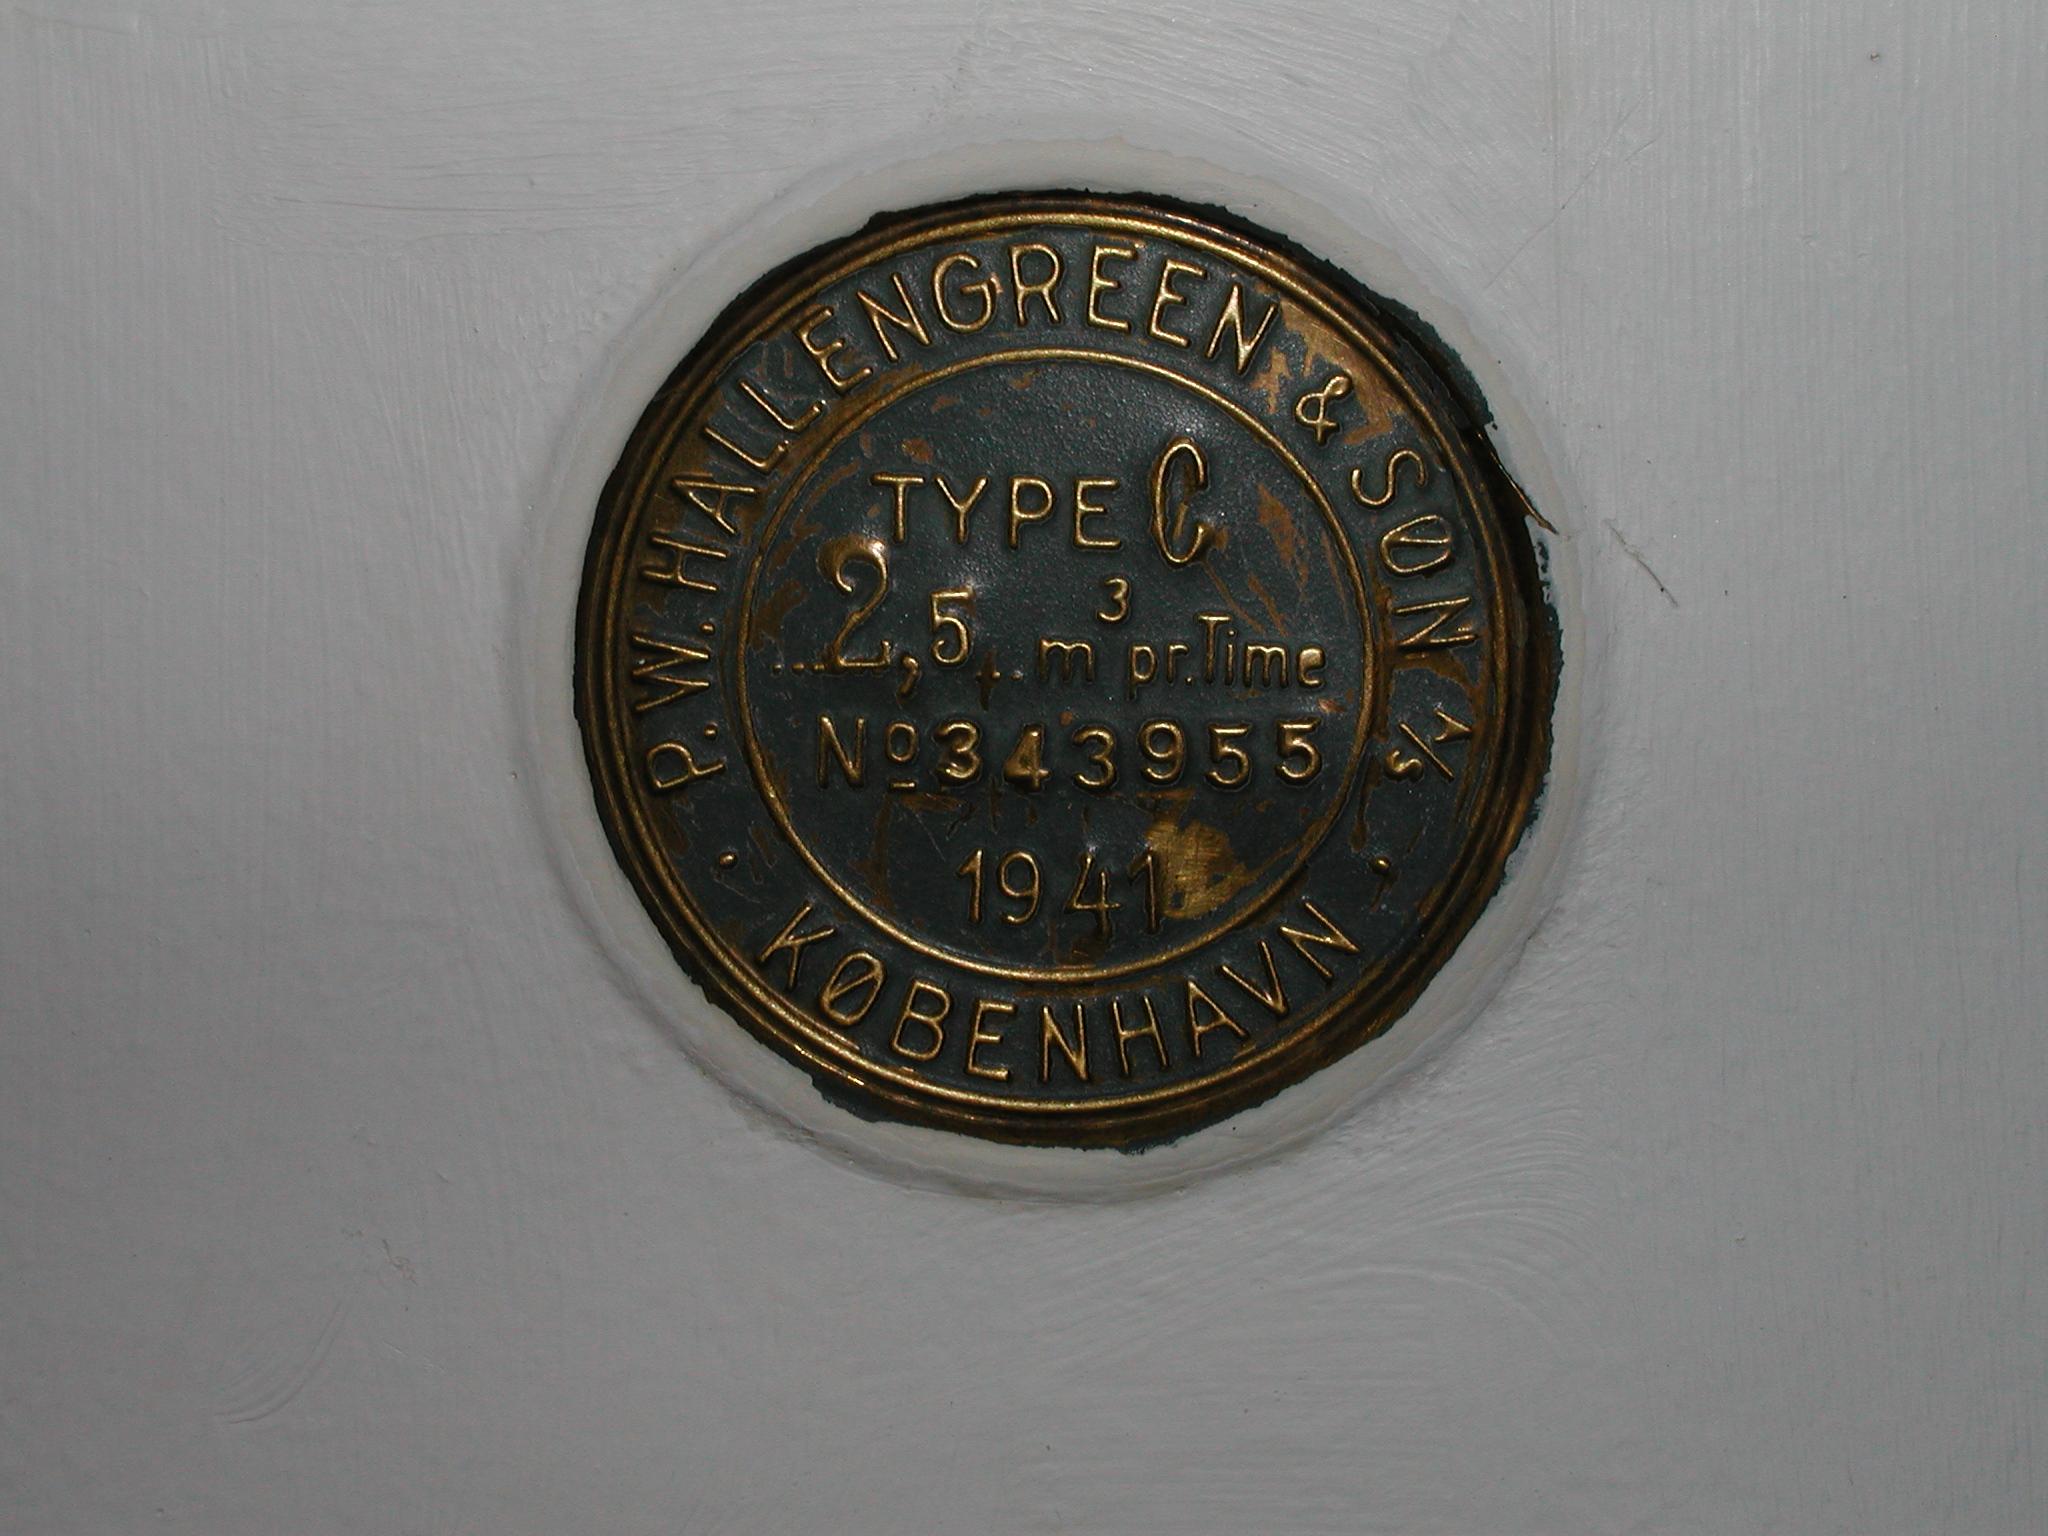 tabus time scientific copenhagen 1941 plaque commemorating image